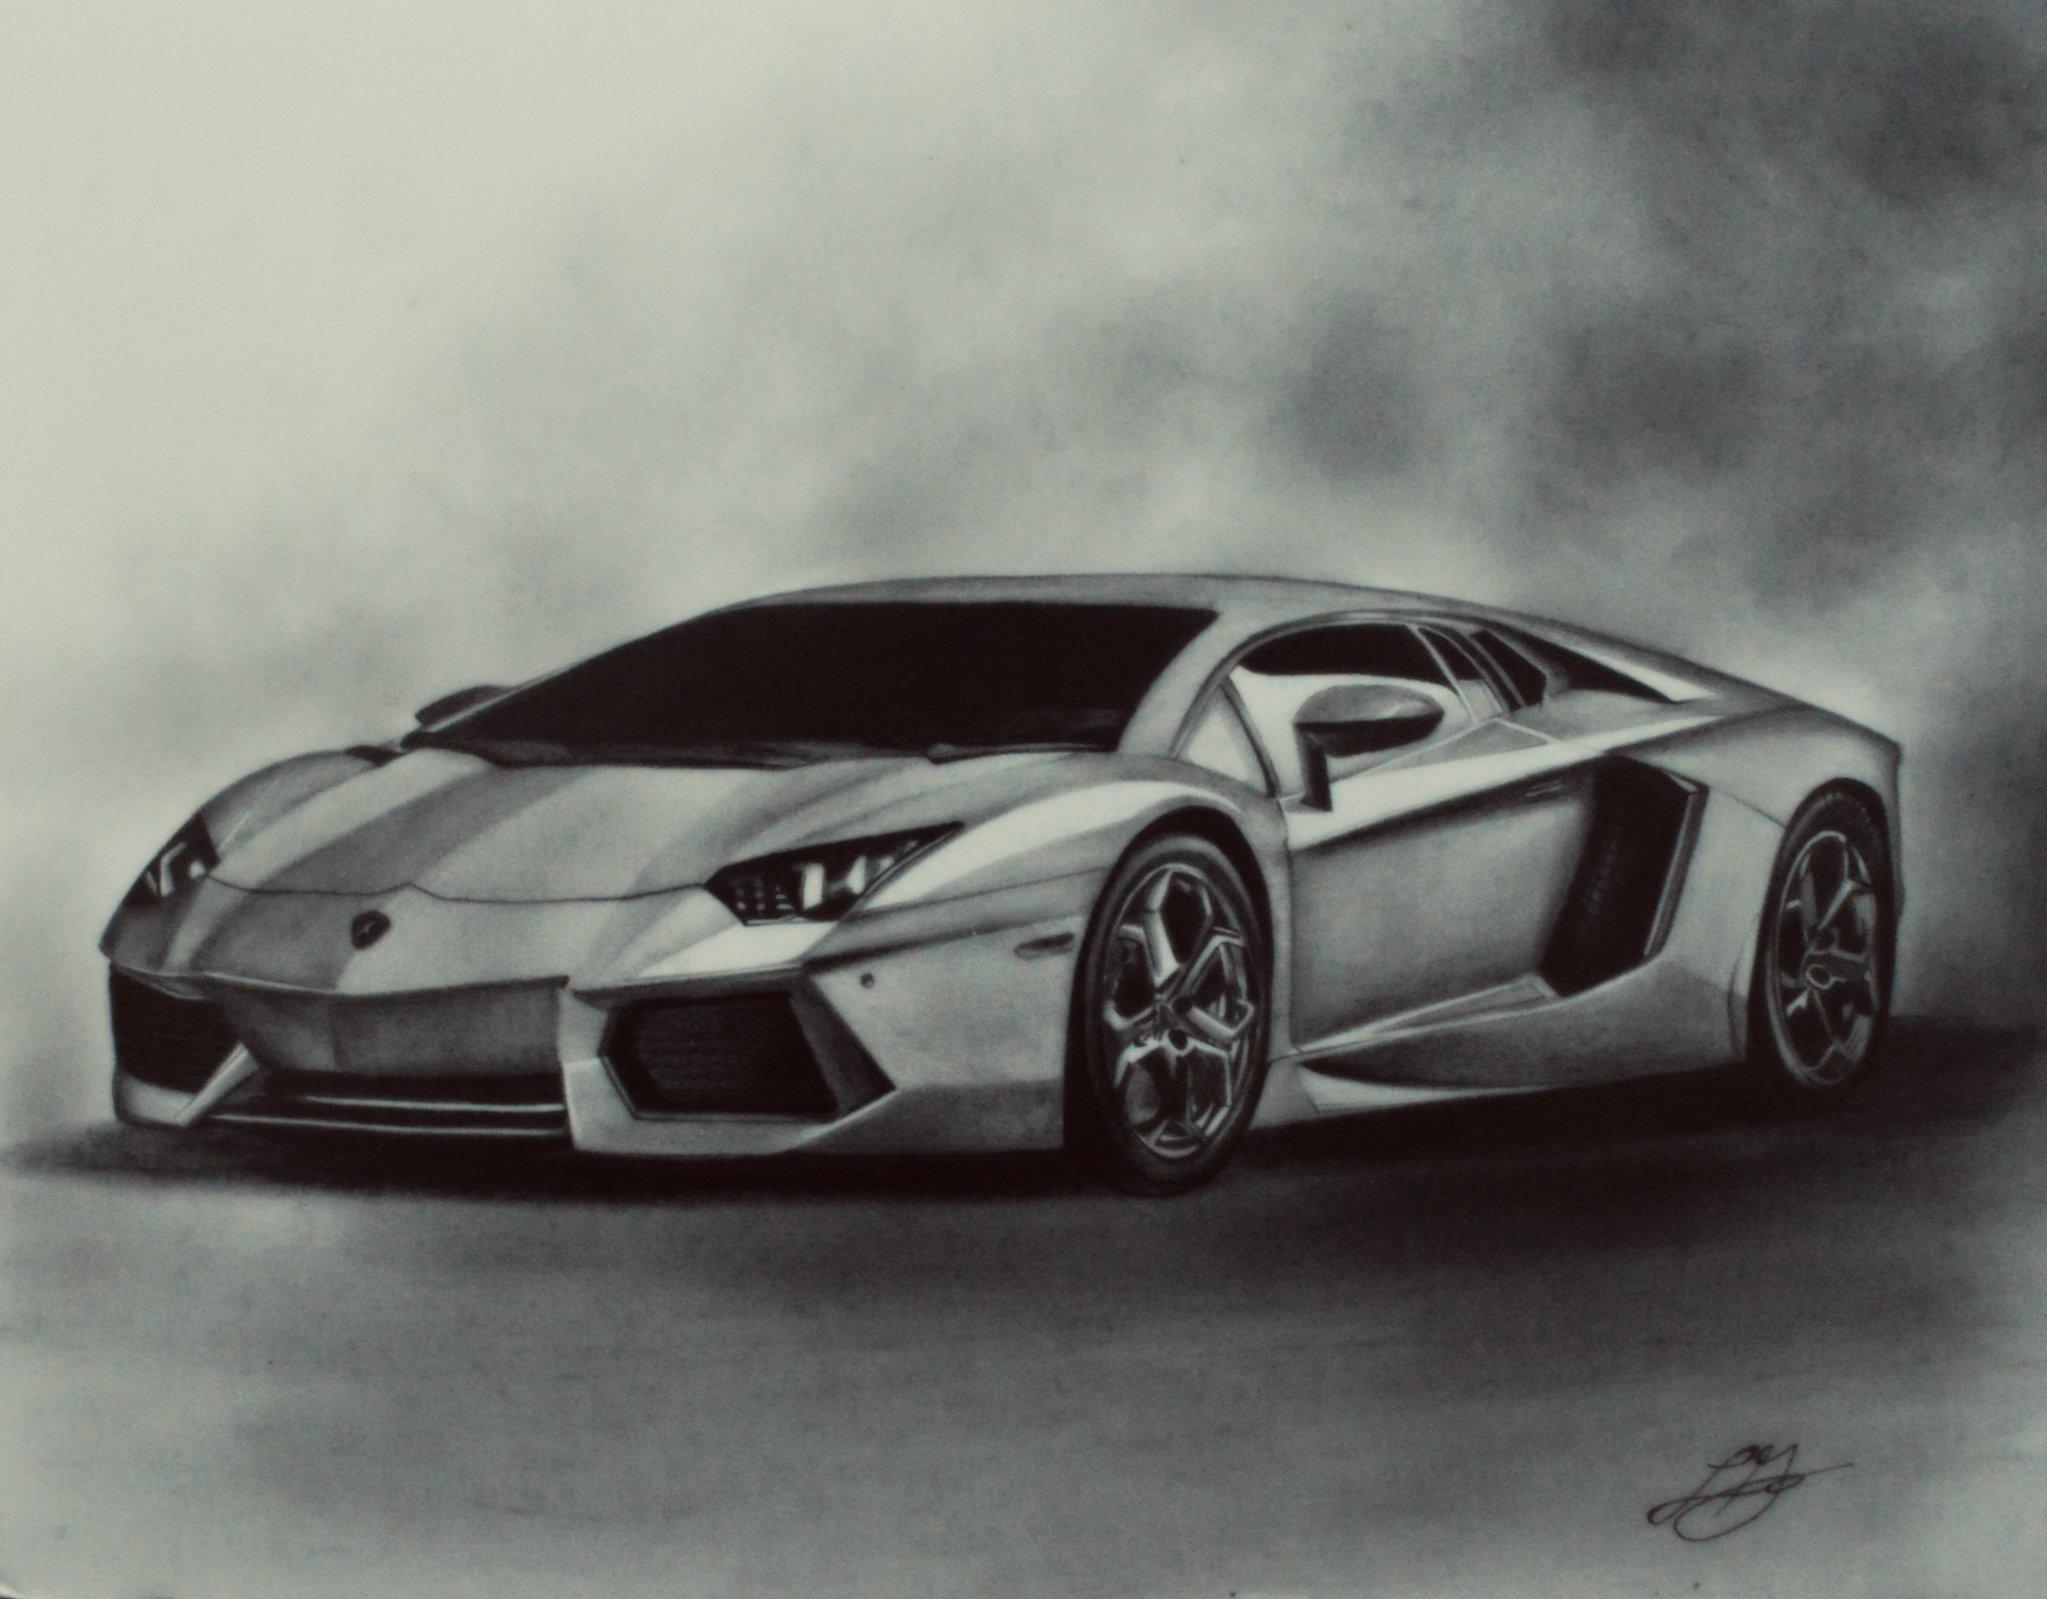 Car drawings in pencil - SF Wallpaper